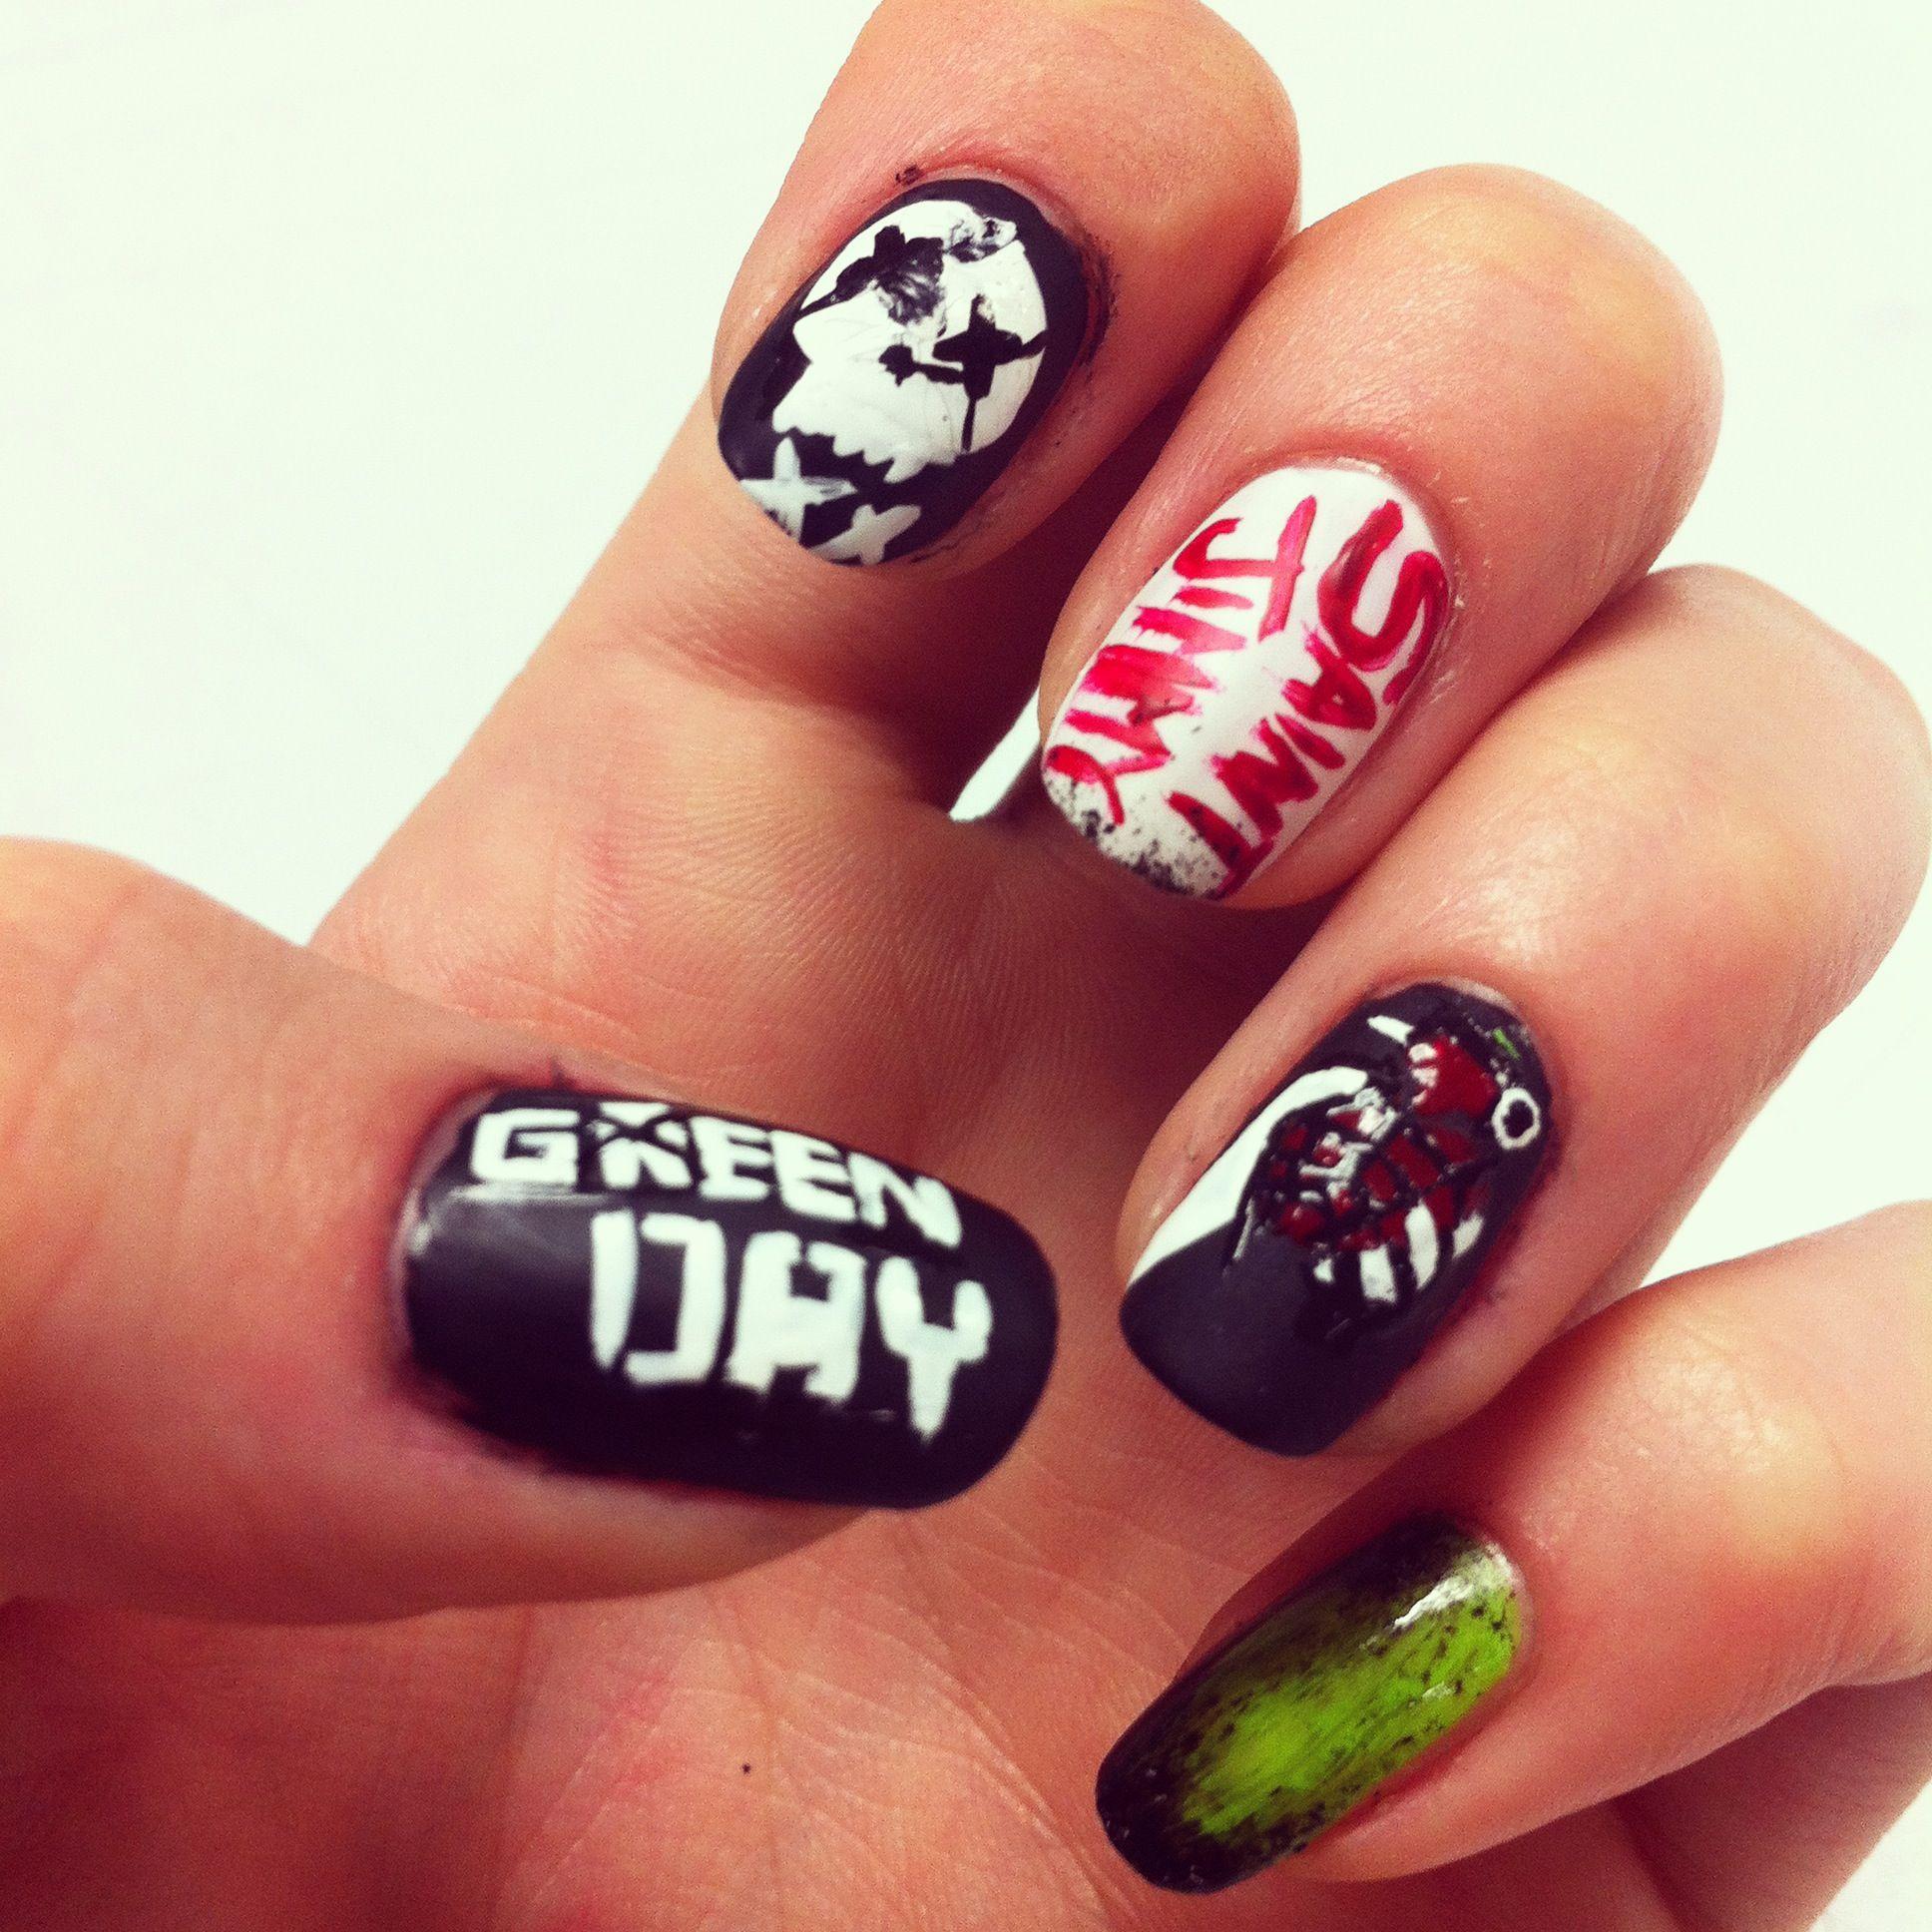 green day nails !!, nail art, band nails, punk | Nails | Pinterest ...